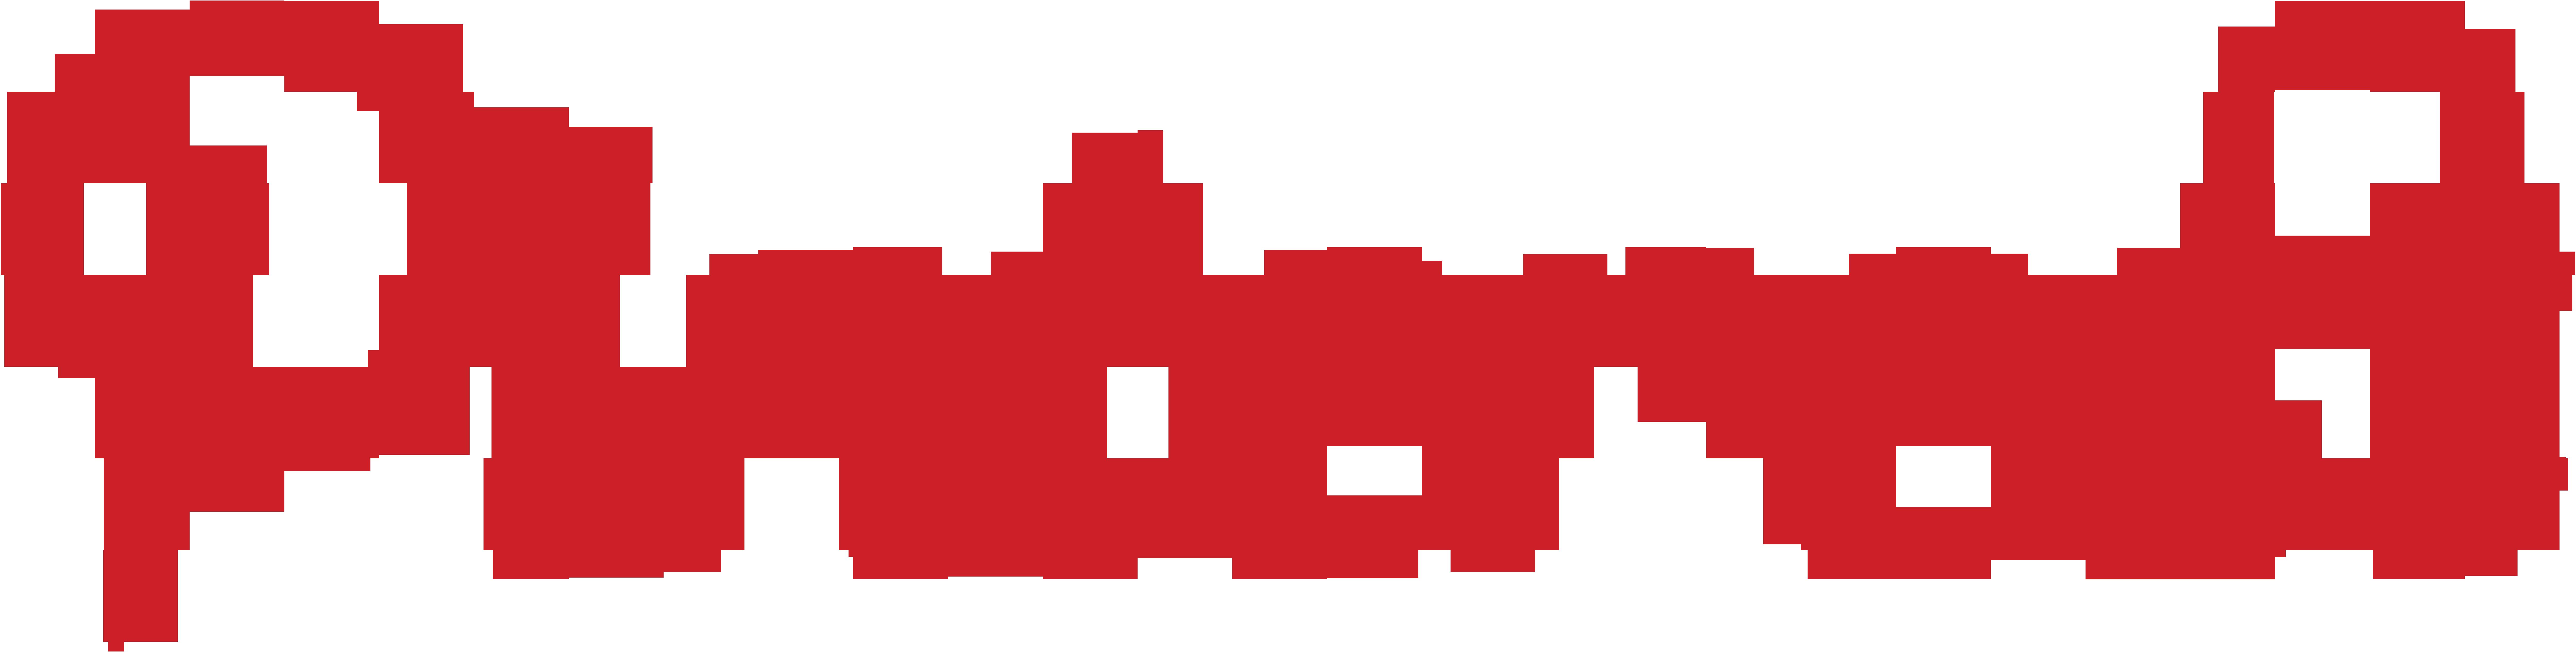 Pinterest rediseñará los perfiles de usuarios esta semana